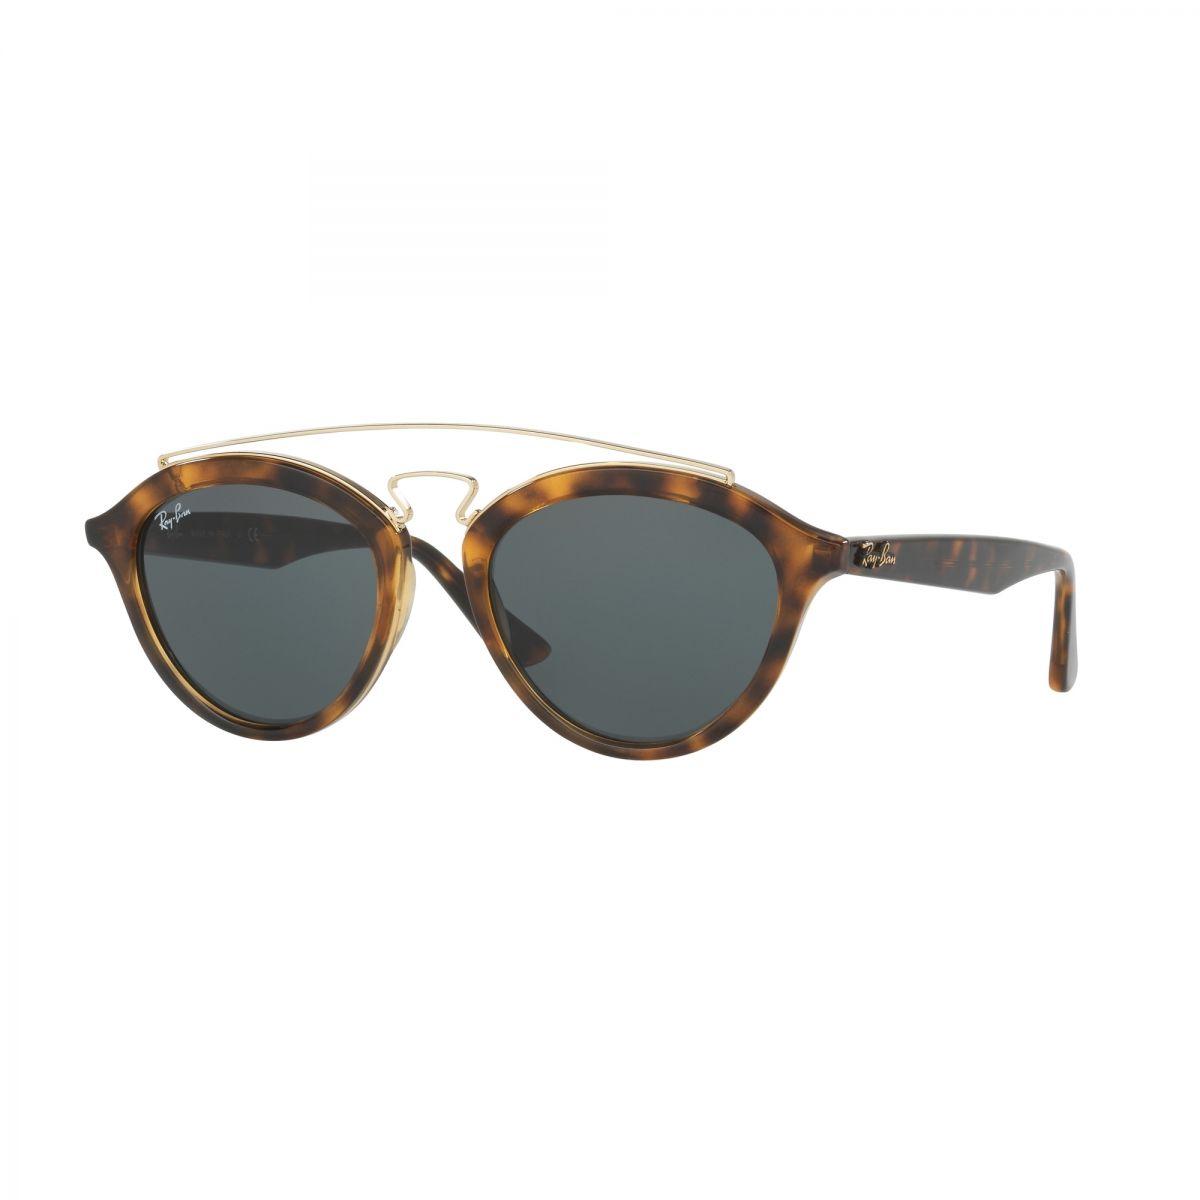 ray ban sunglasses para mujer